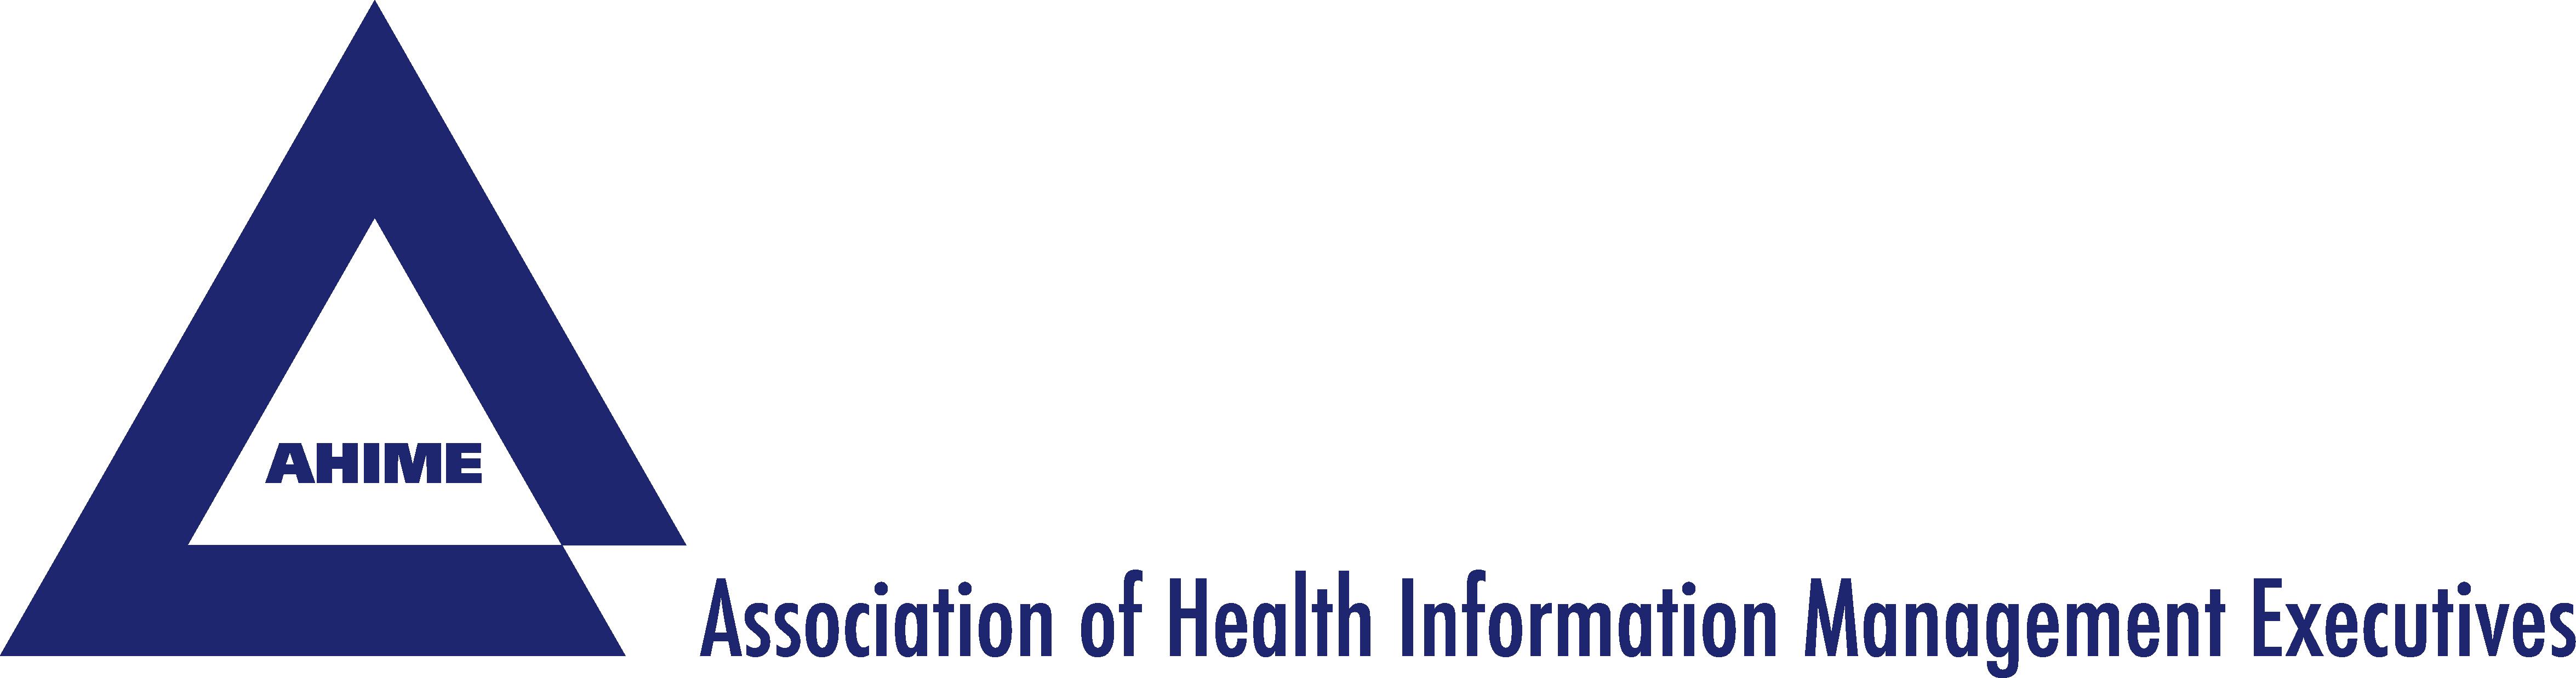 AHIME Logo